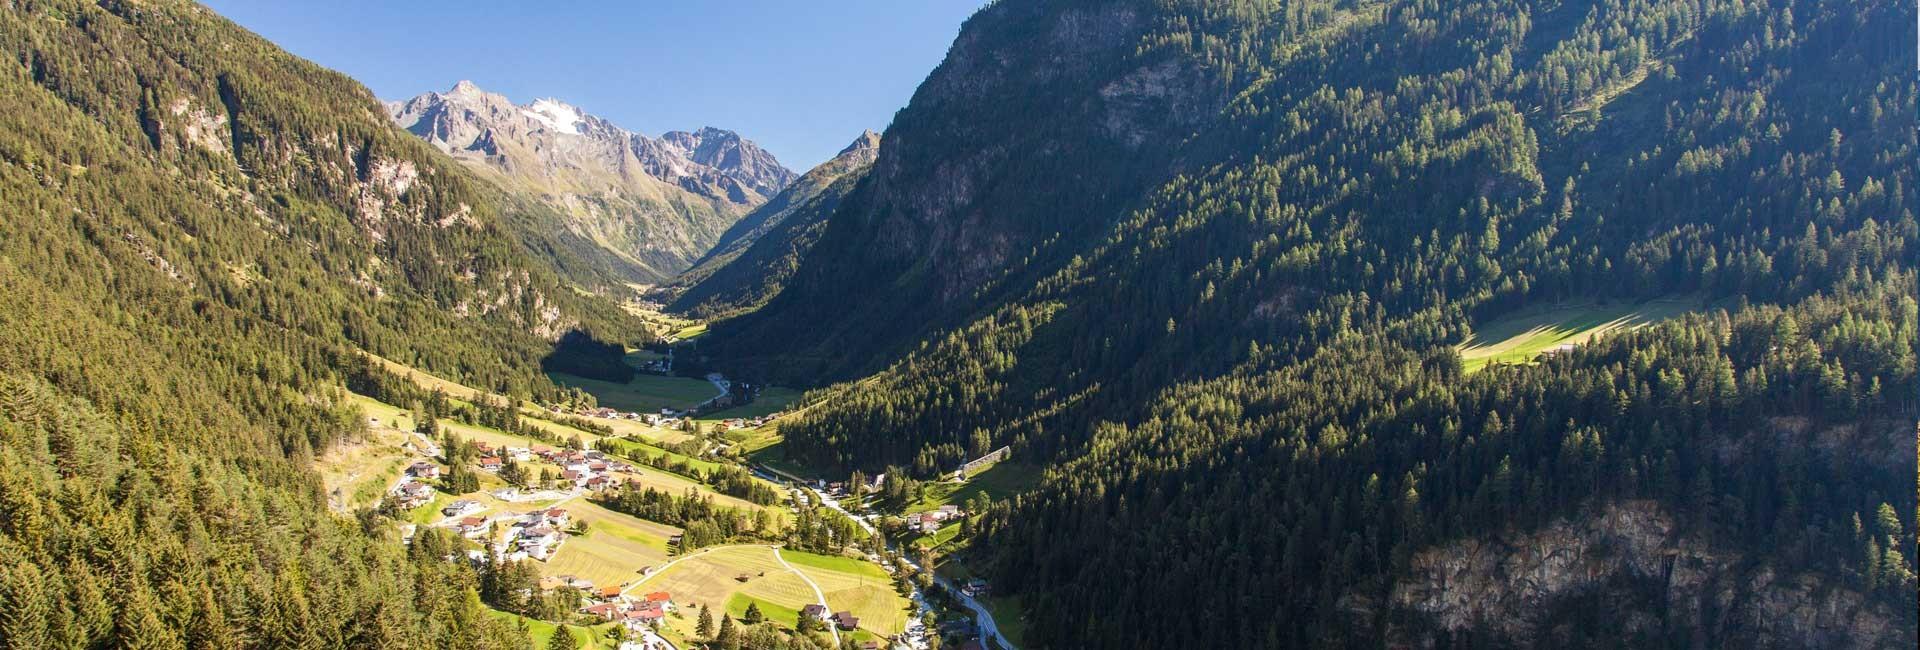 Single Events Bad Sankt Leonhard, Beste Partnerbrse